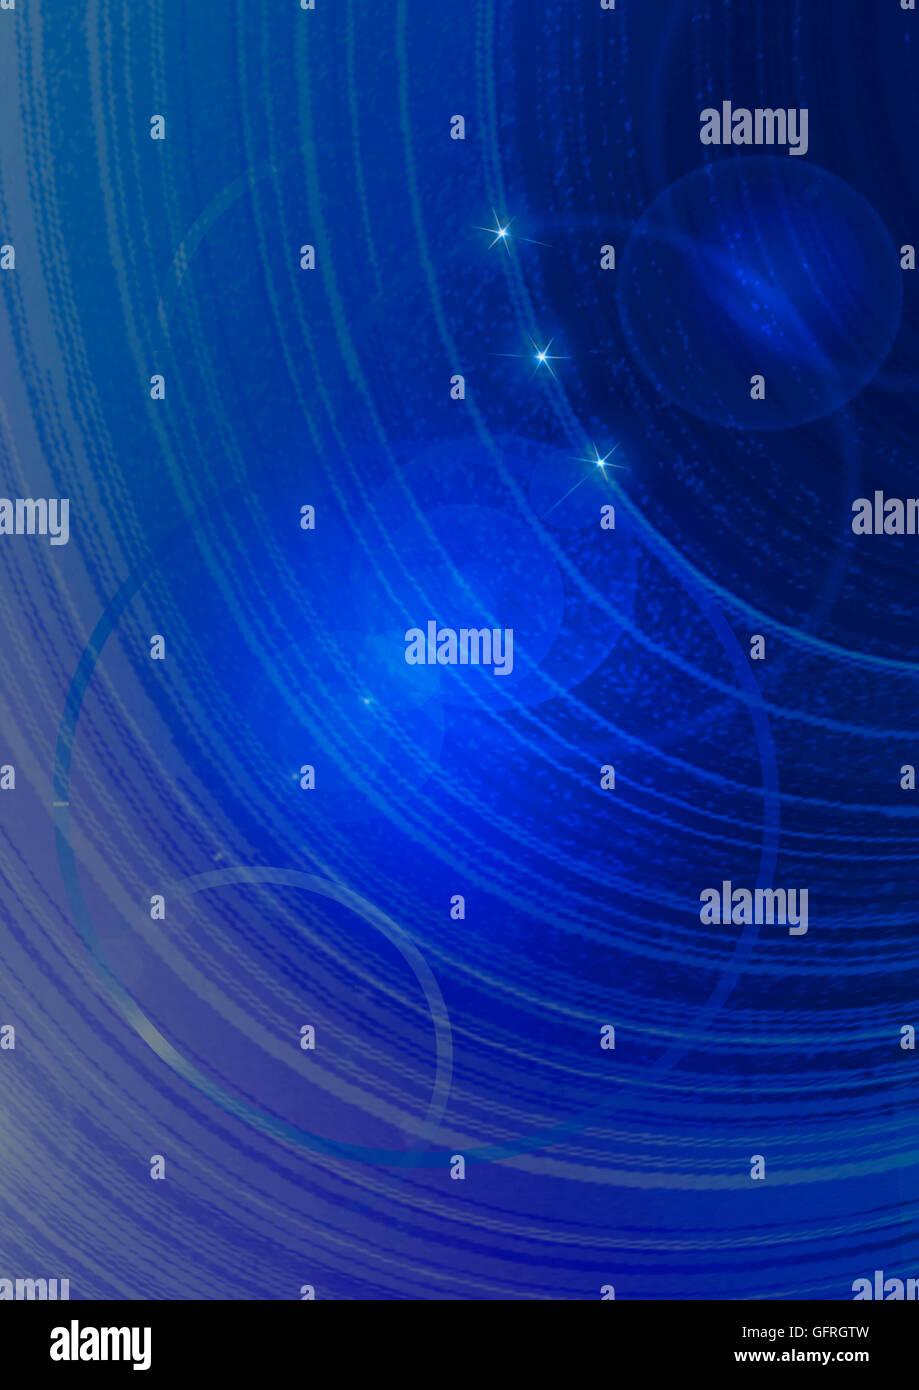 Fond bleu outremer couverts étoiles brillantes les cercles et les arcs Photo Stock